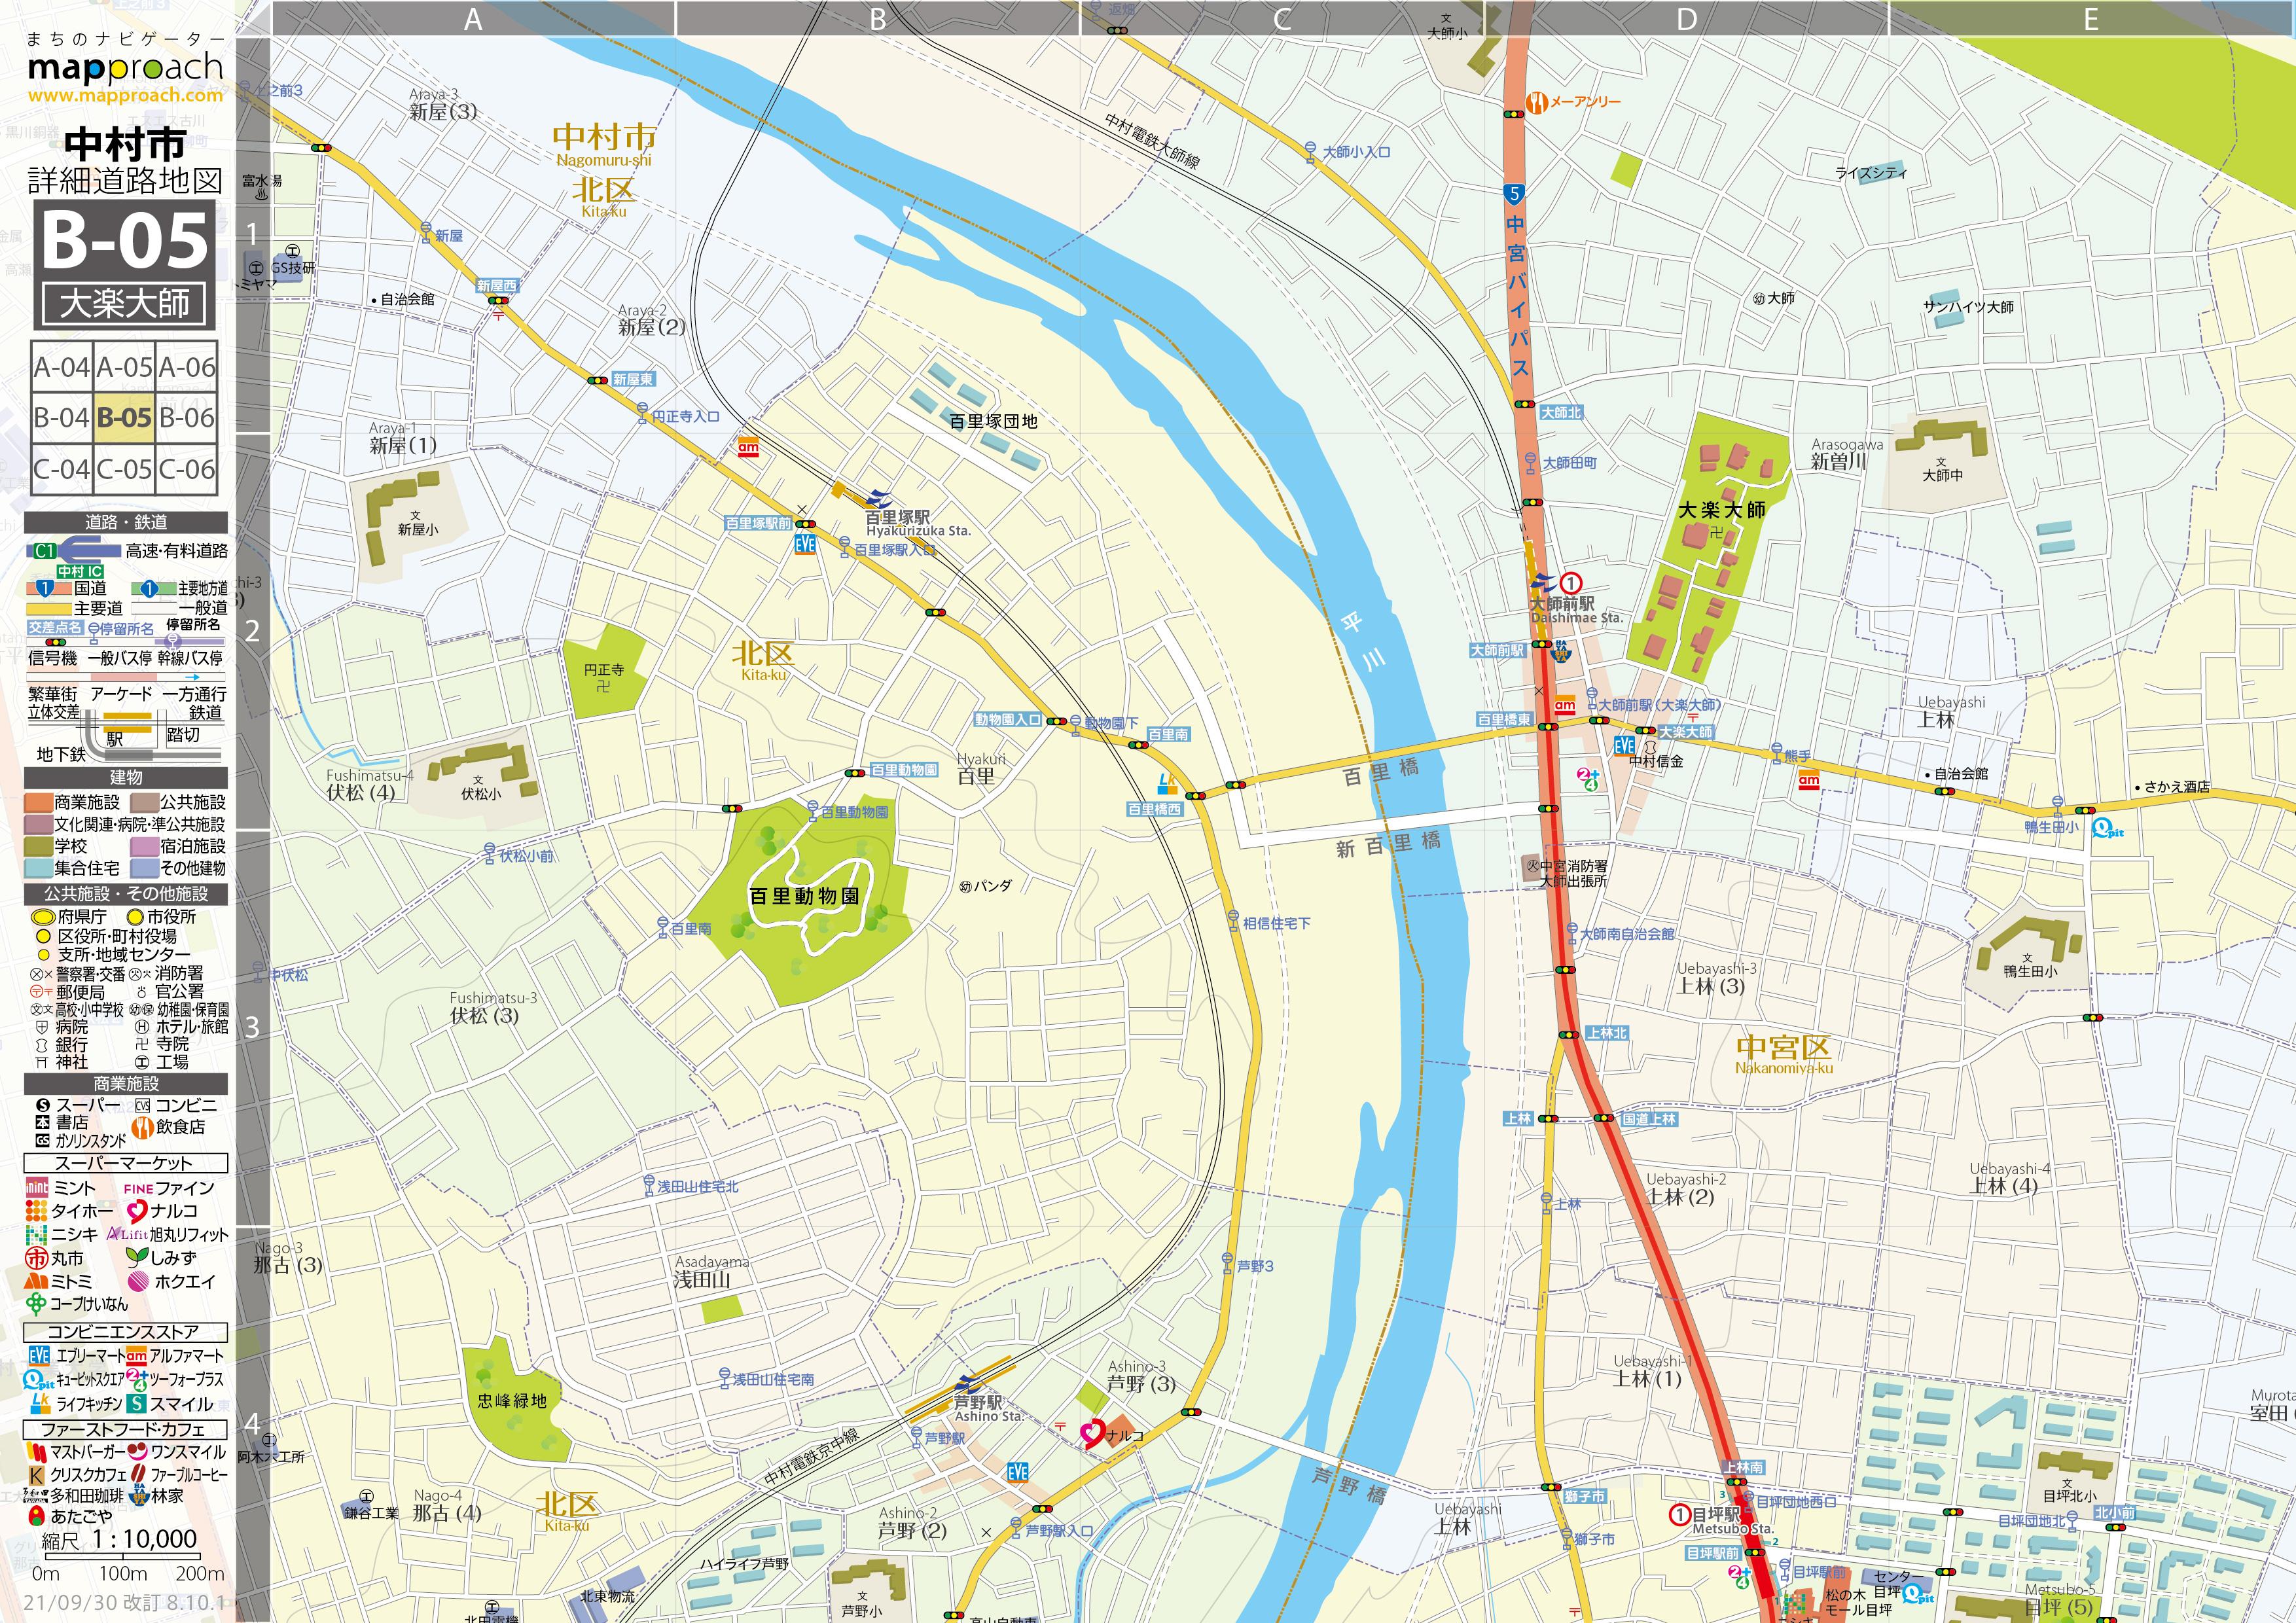 B-05 大楽大師 地図拡大